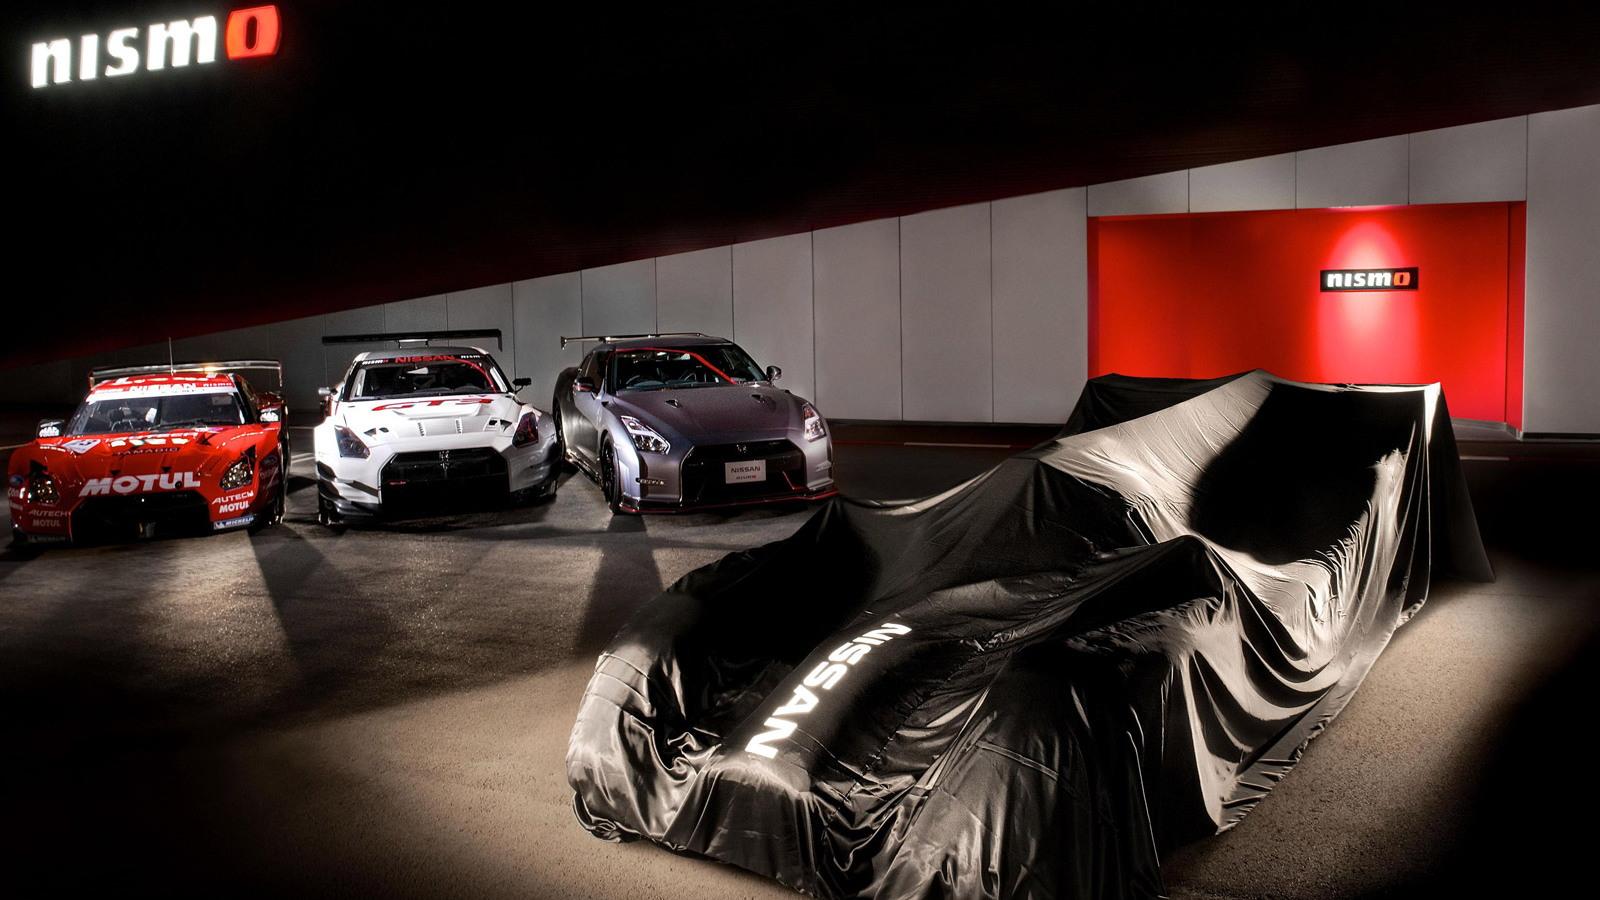 Teaser for 2015 Nissan GT-R LM NISMO LMP1